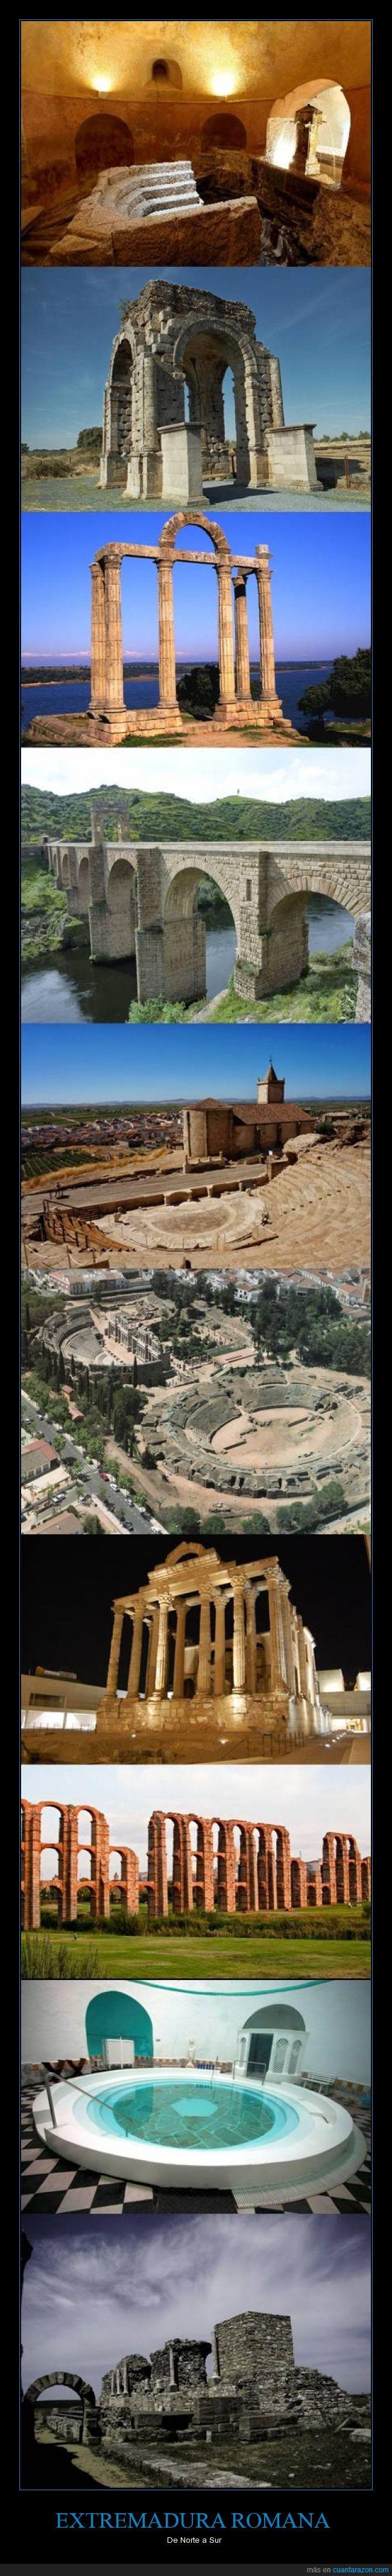 Alange,Alcántara,Arqueología,Augustobriga,Baños de Montemayor,Cáparra,Extremadura,Medellín,Mérida,Monumentos,Regina,Roma